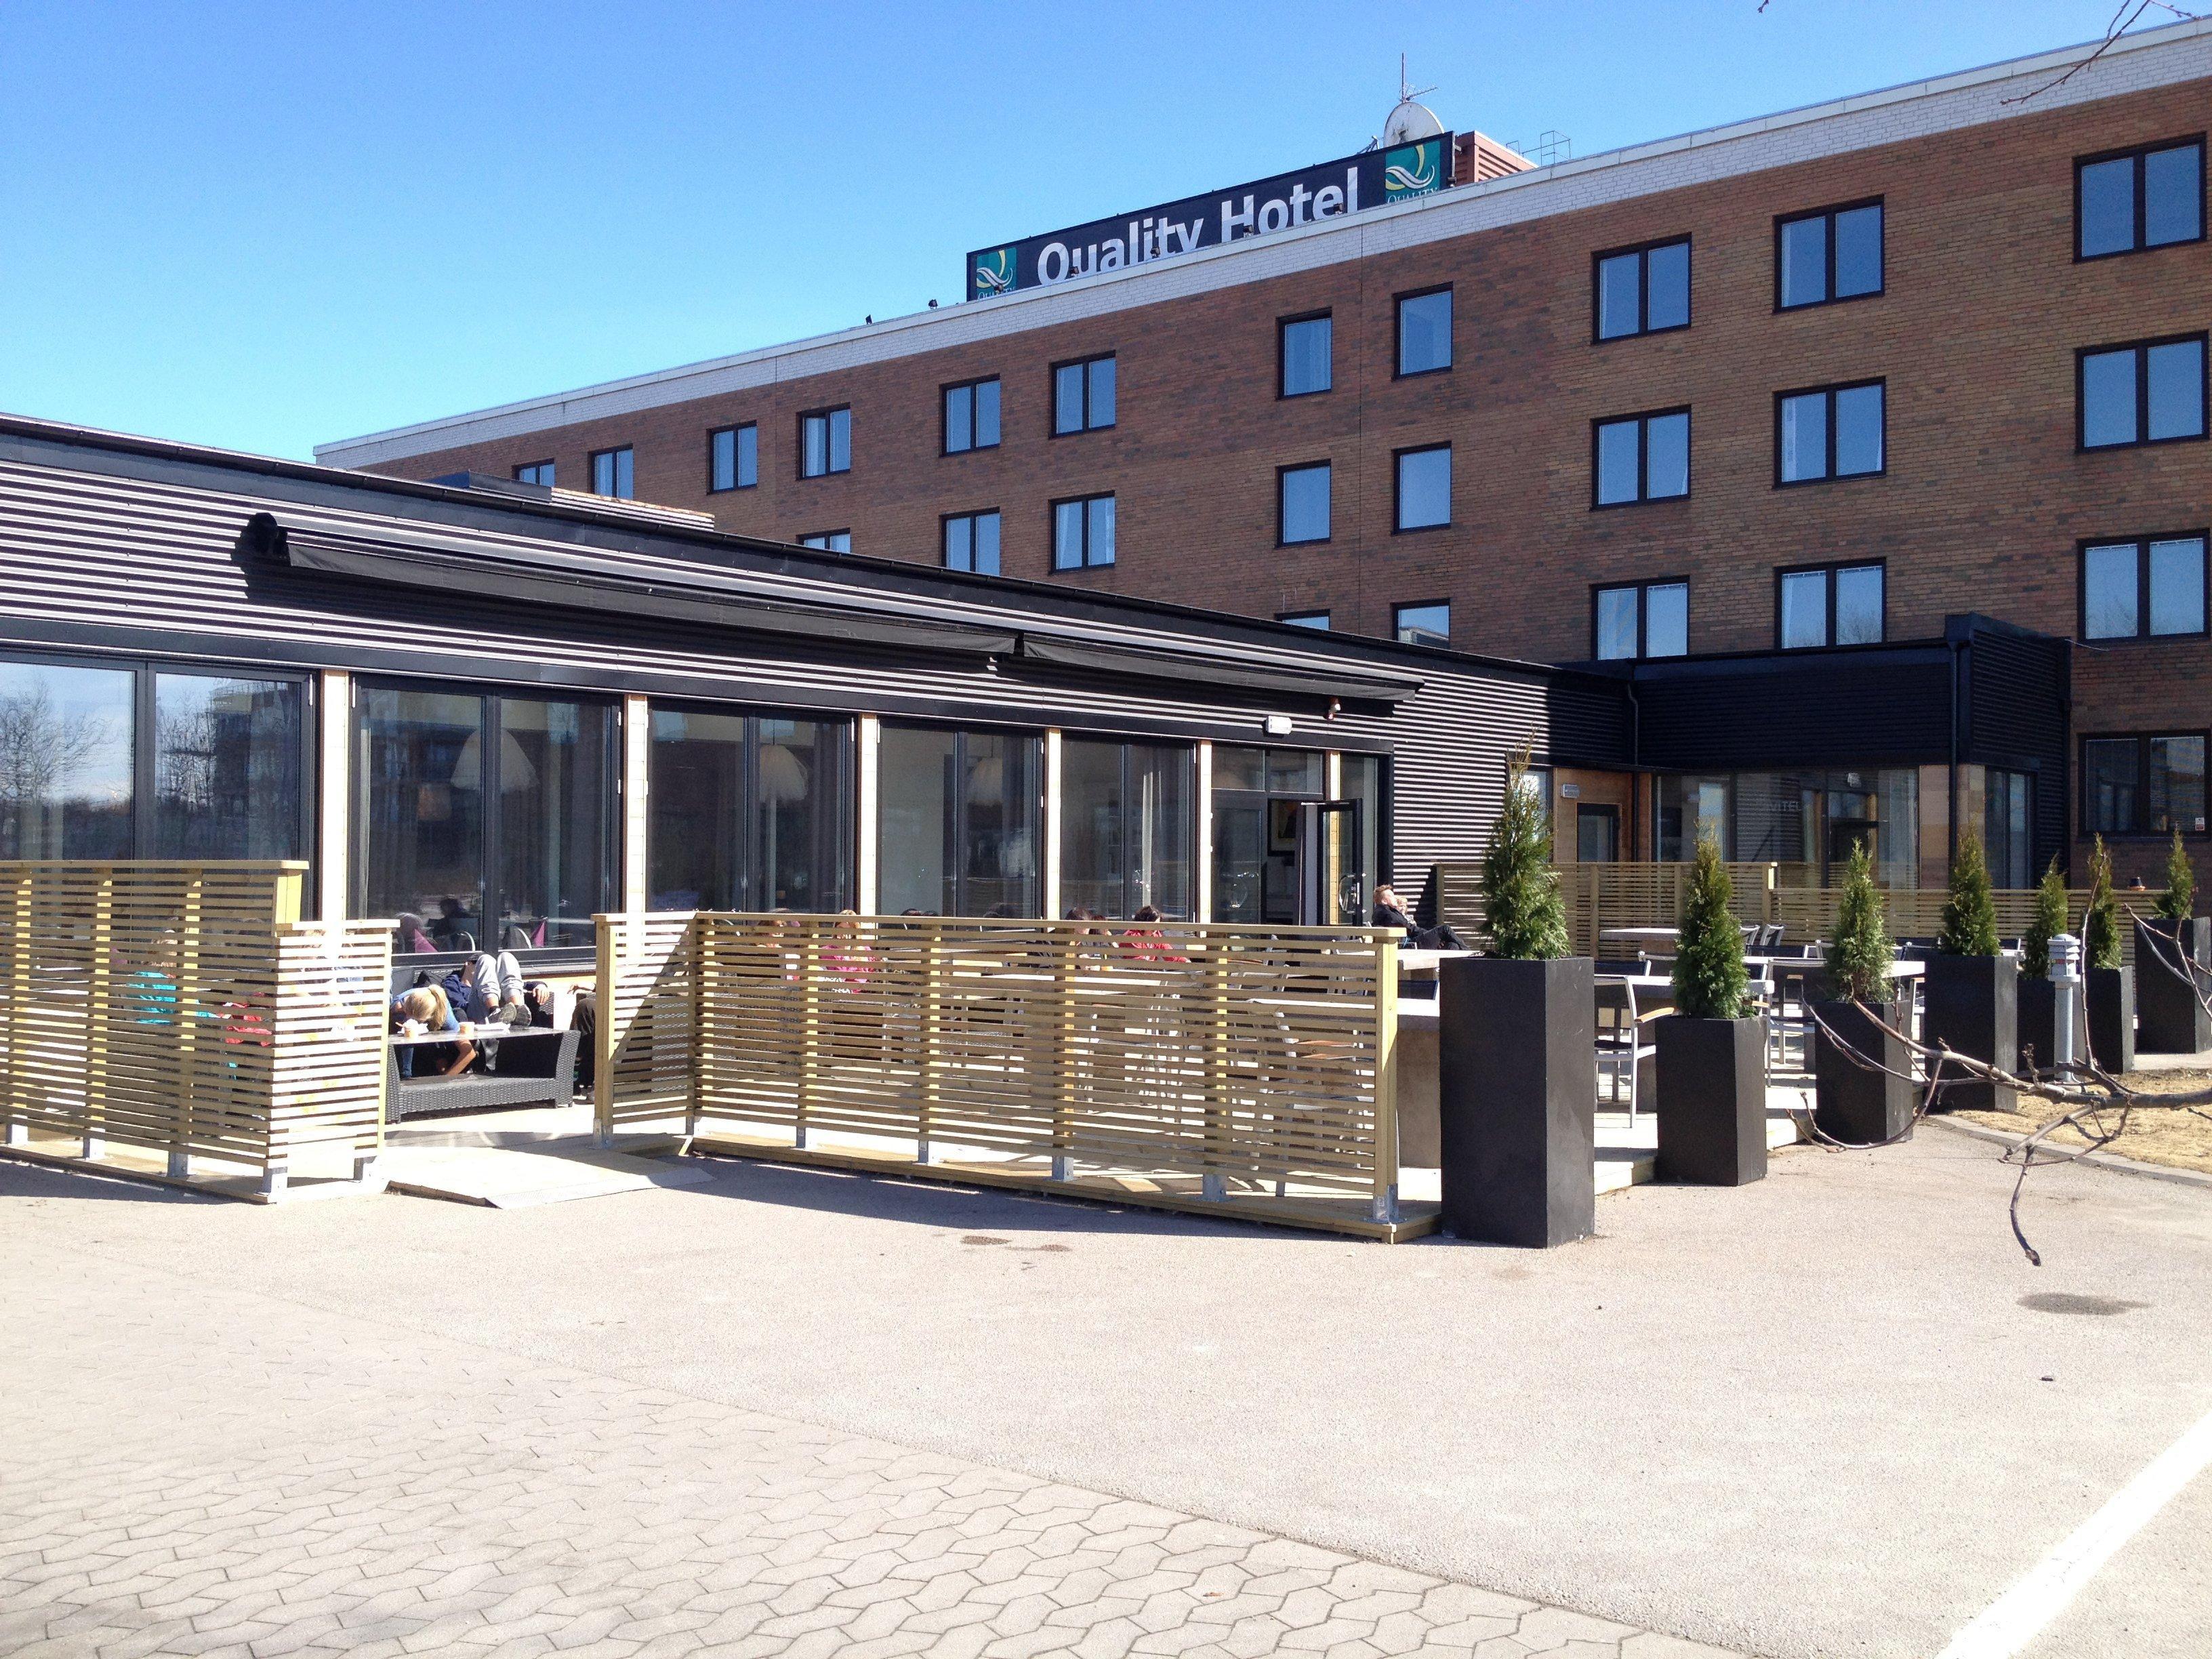 clarion hotel vänersborg